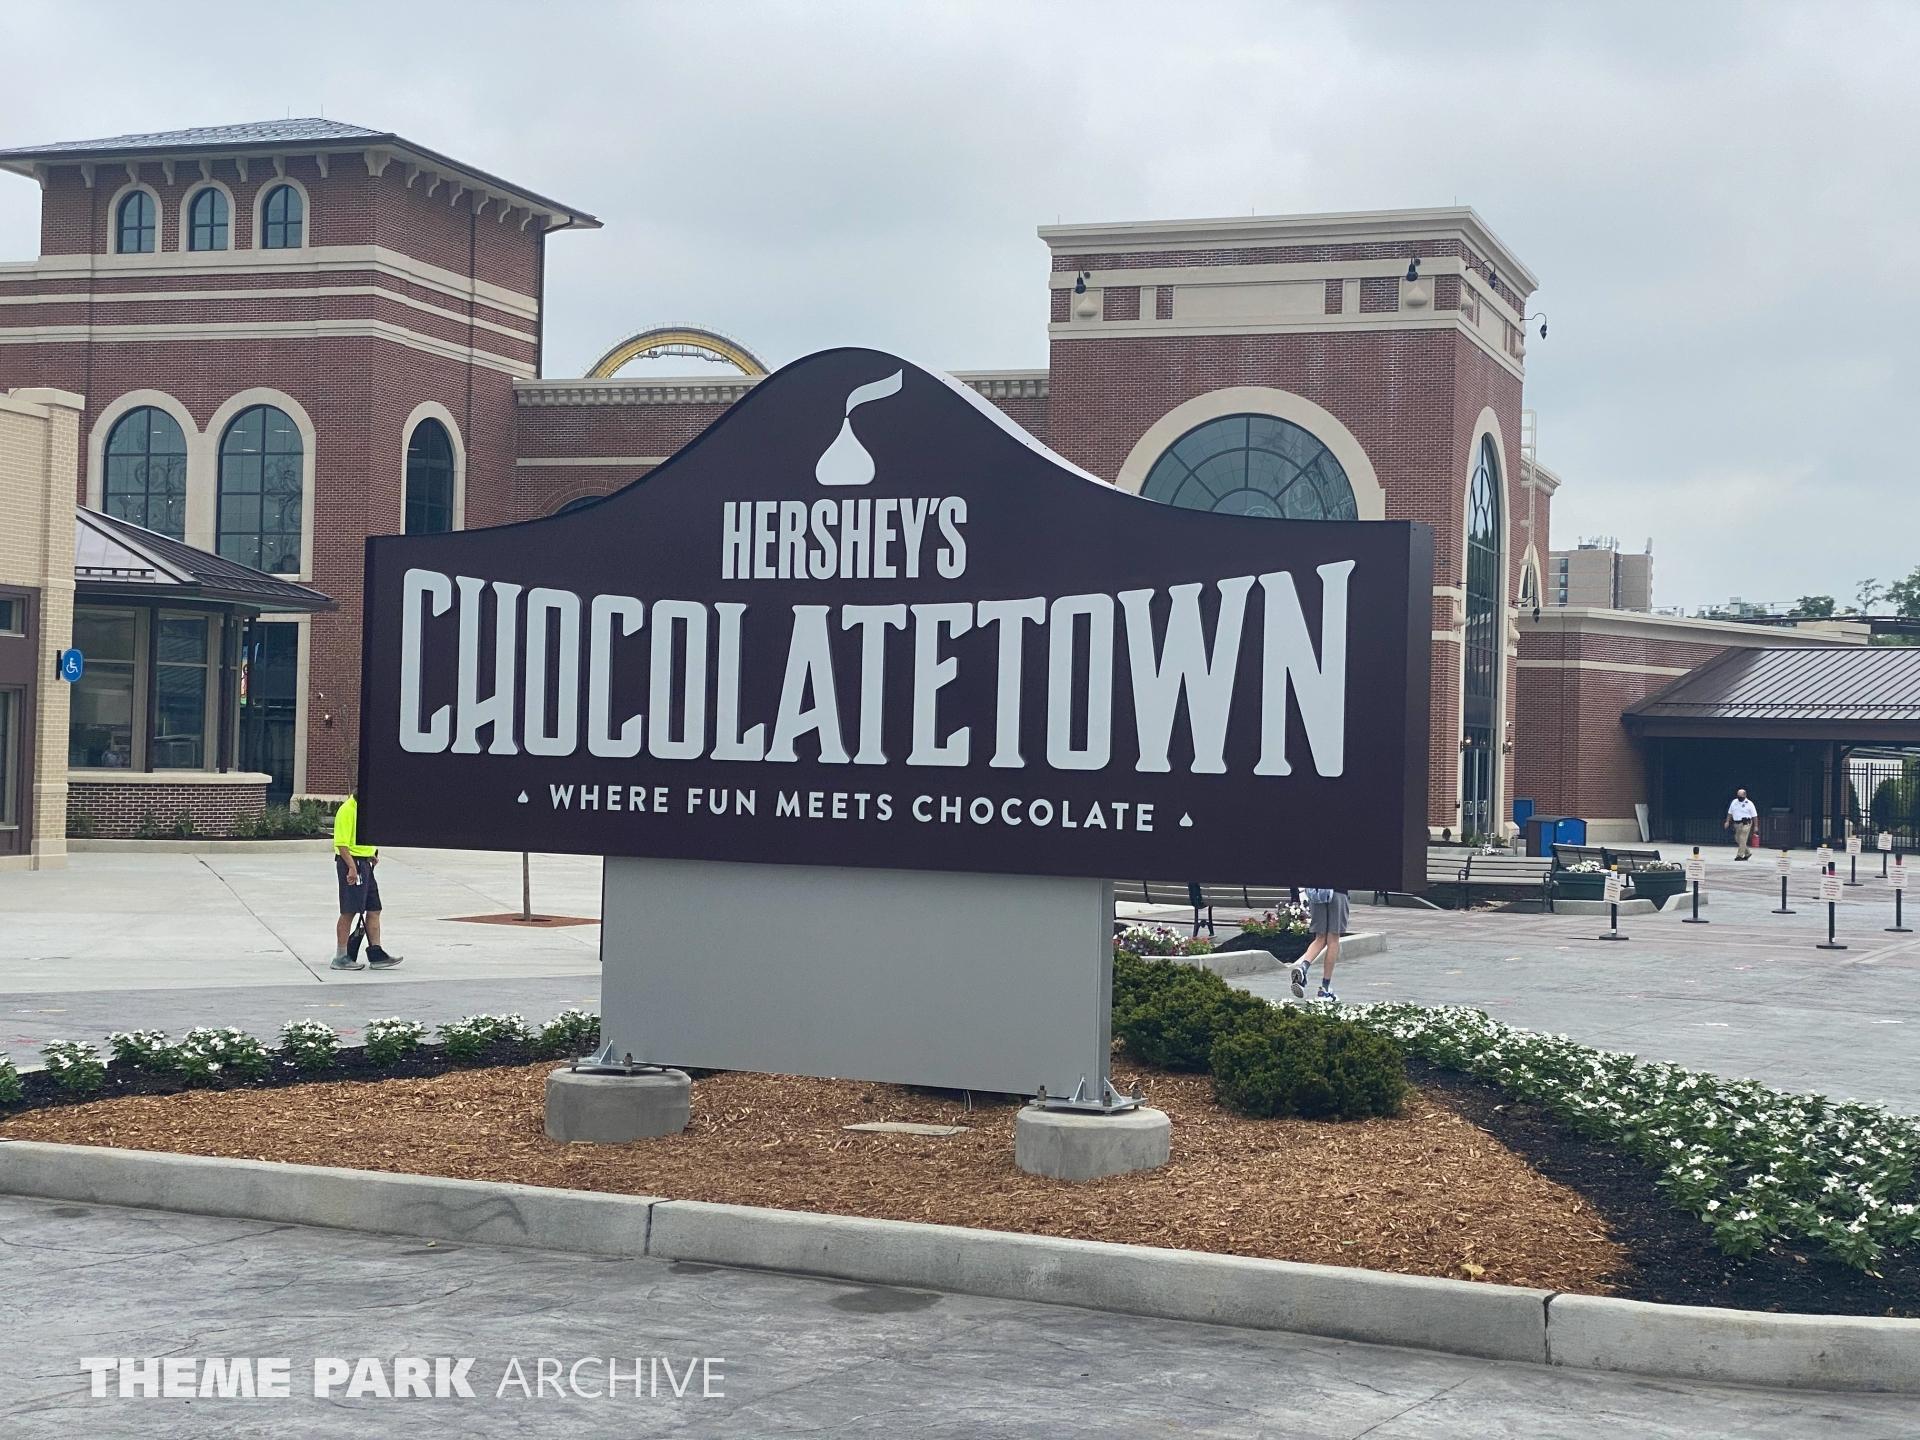 Chocolatetown at Hersheypark